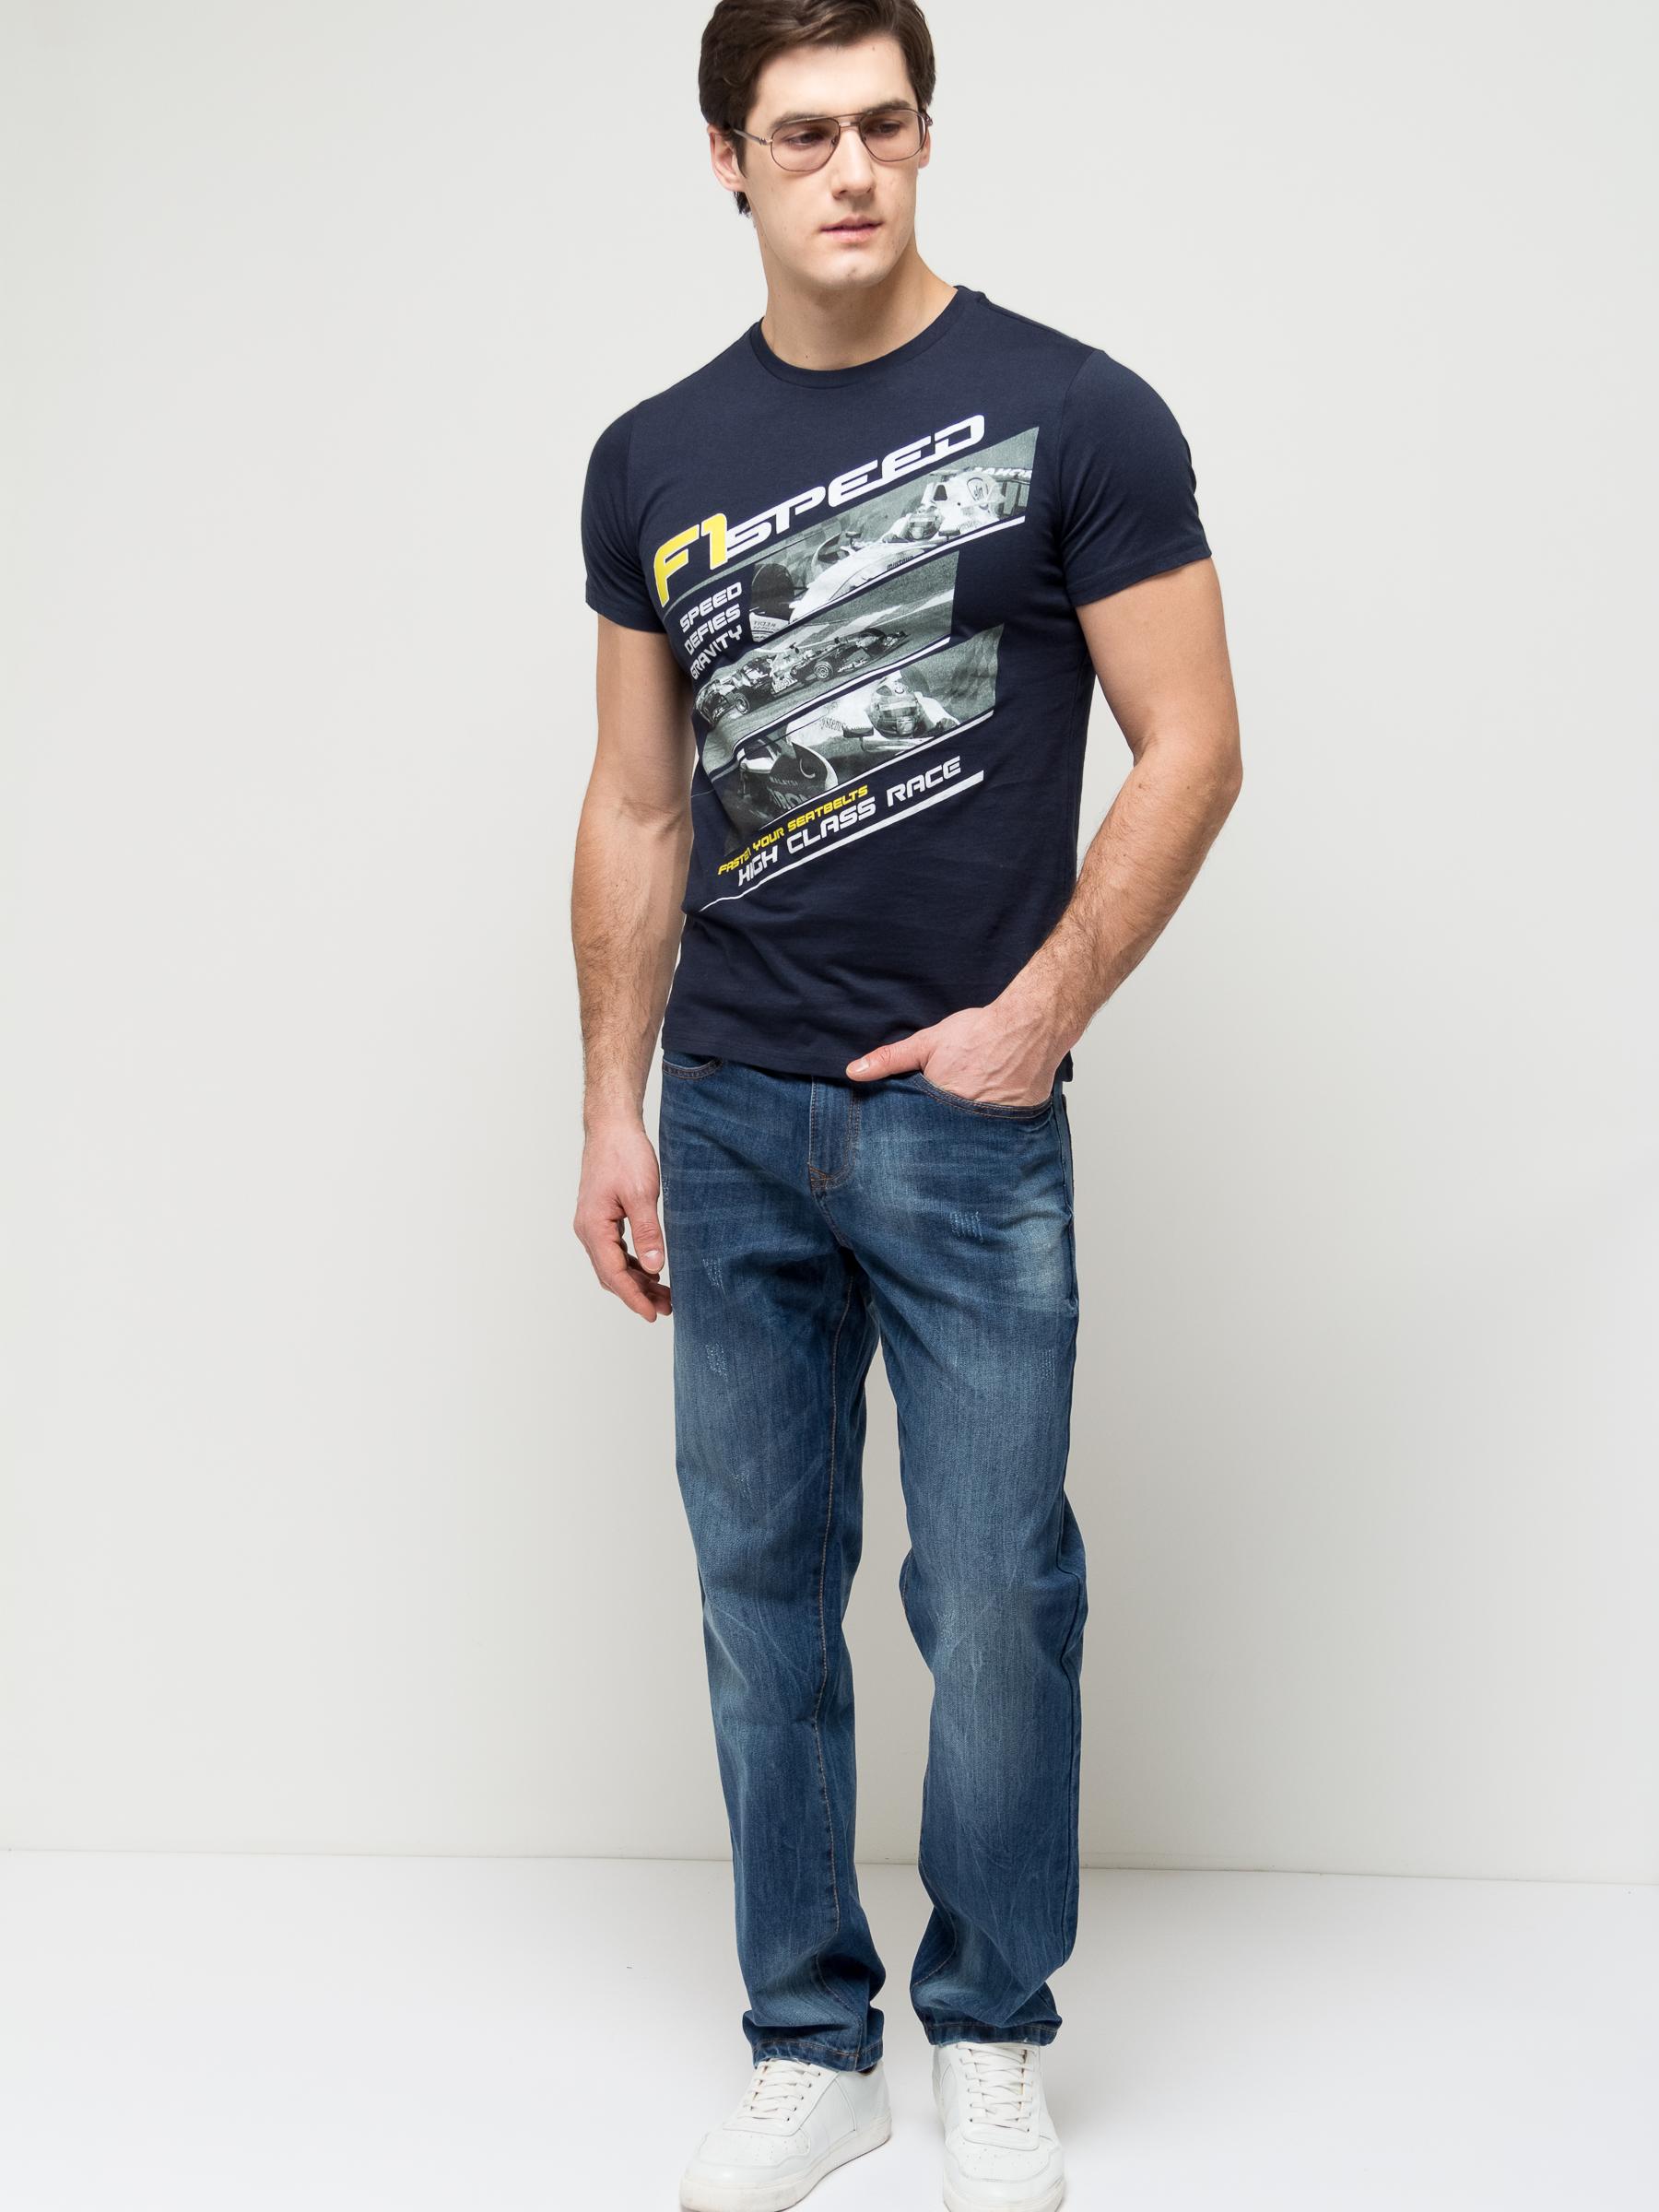 Джинсы мужские Sela, цвет: синий джинс. PJ-235/1081-7161. Размер 34-32 (50-32) джинсы мужские oodji basic цвет синий джинс 6b120016m 34842n 7500w размер 32 32 50 32